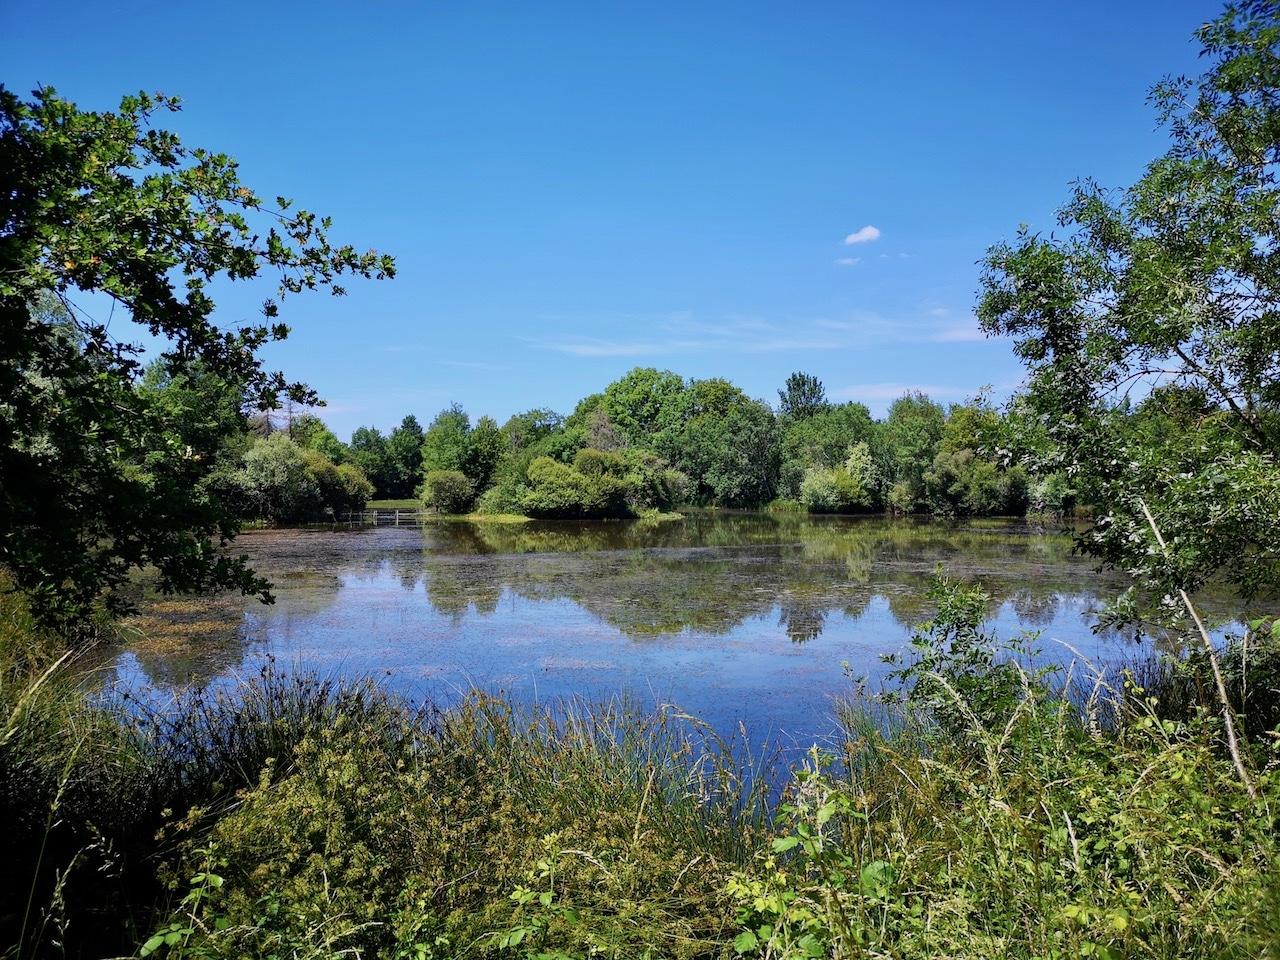 Propriété de Chasse, Pêche & Agrément 16 ha